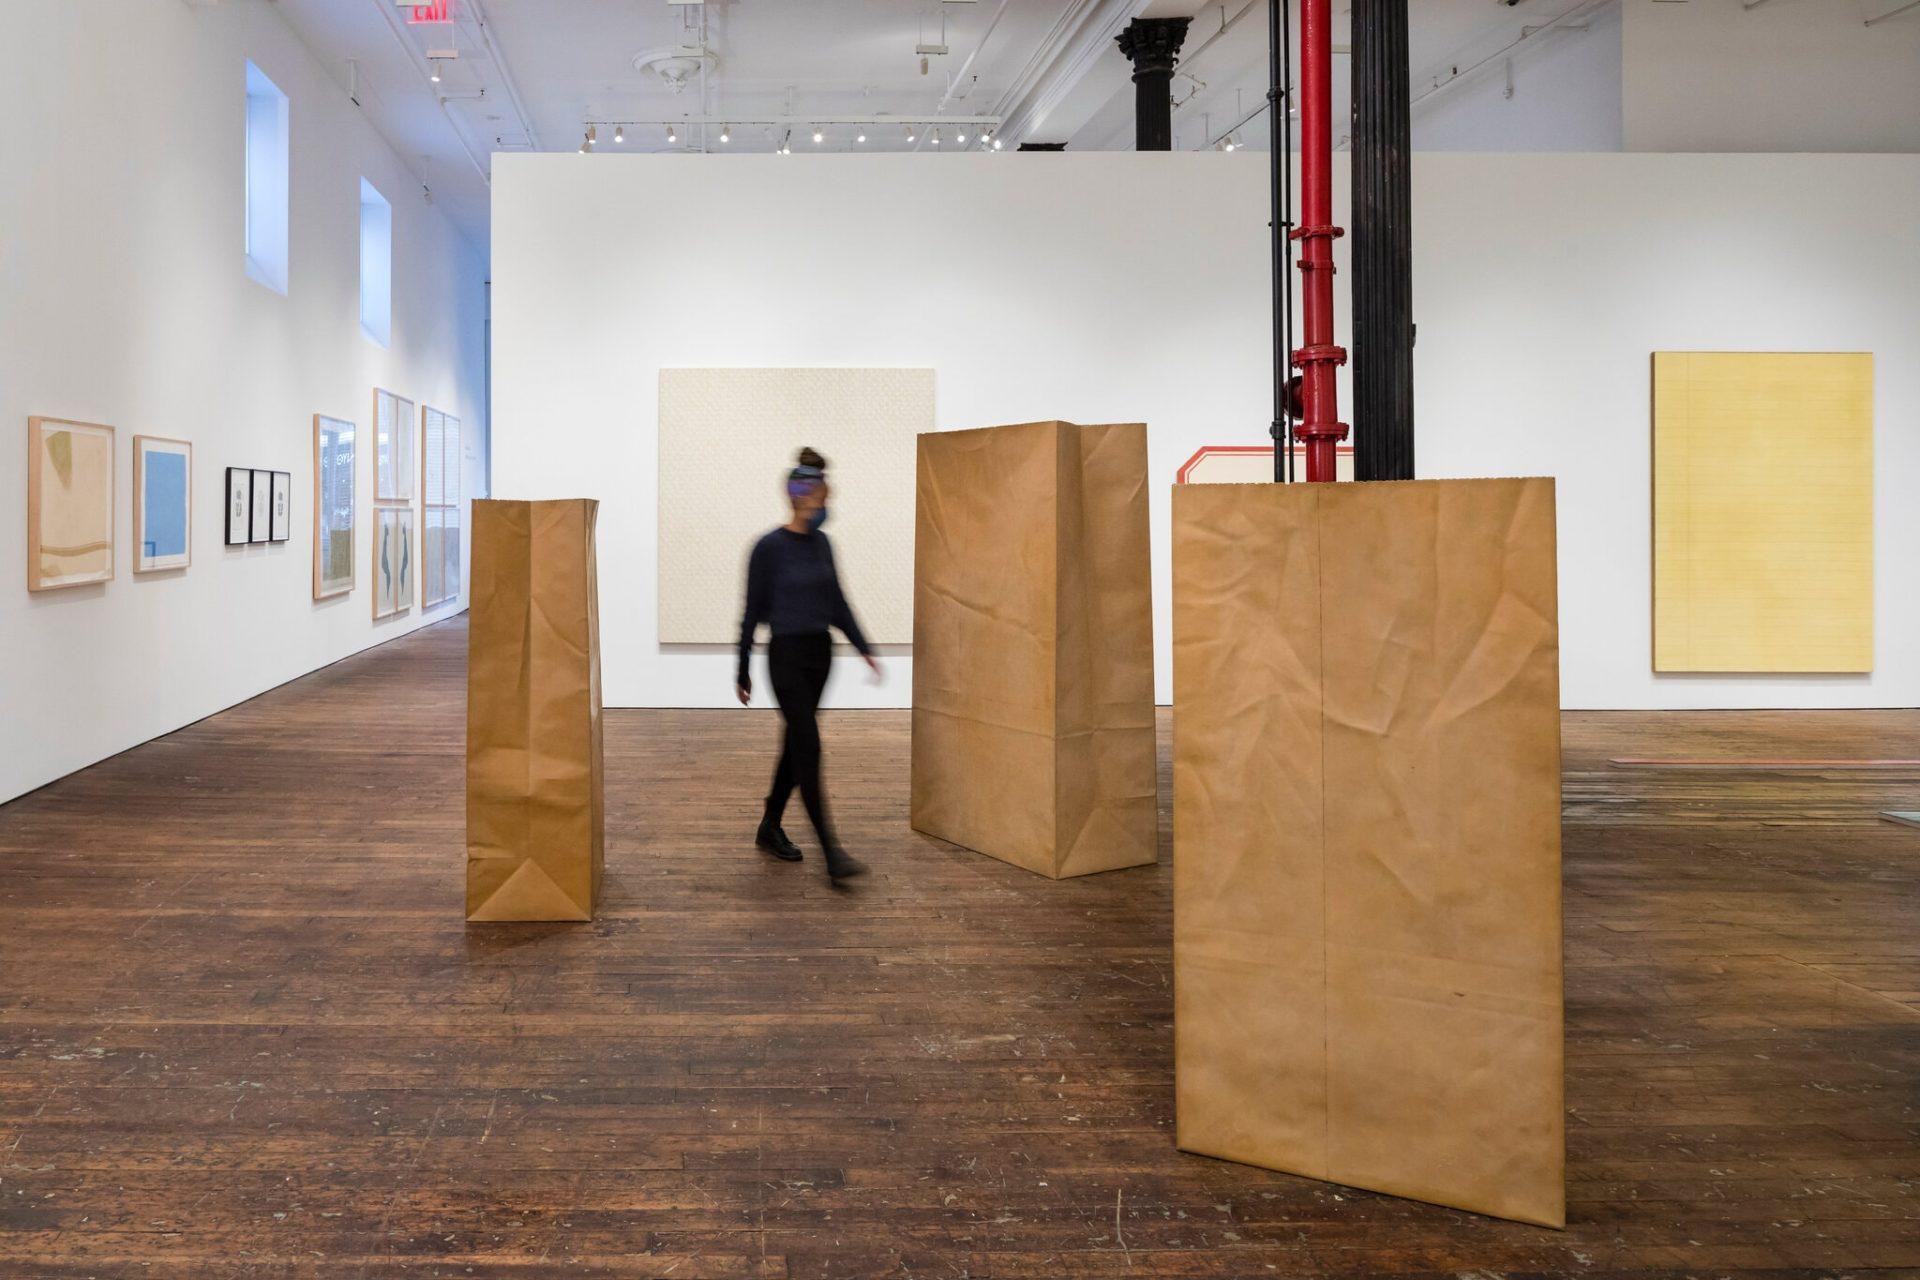 Conheça o artista realista que retrata artigos de papel em formato gigante